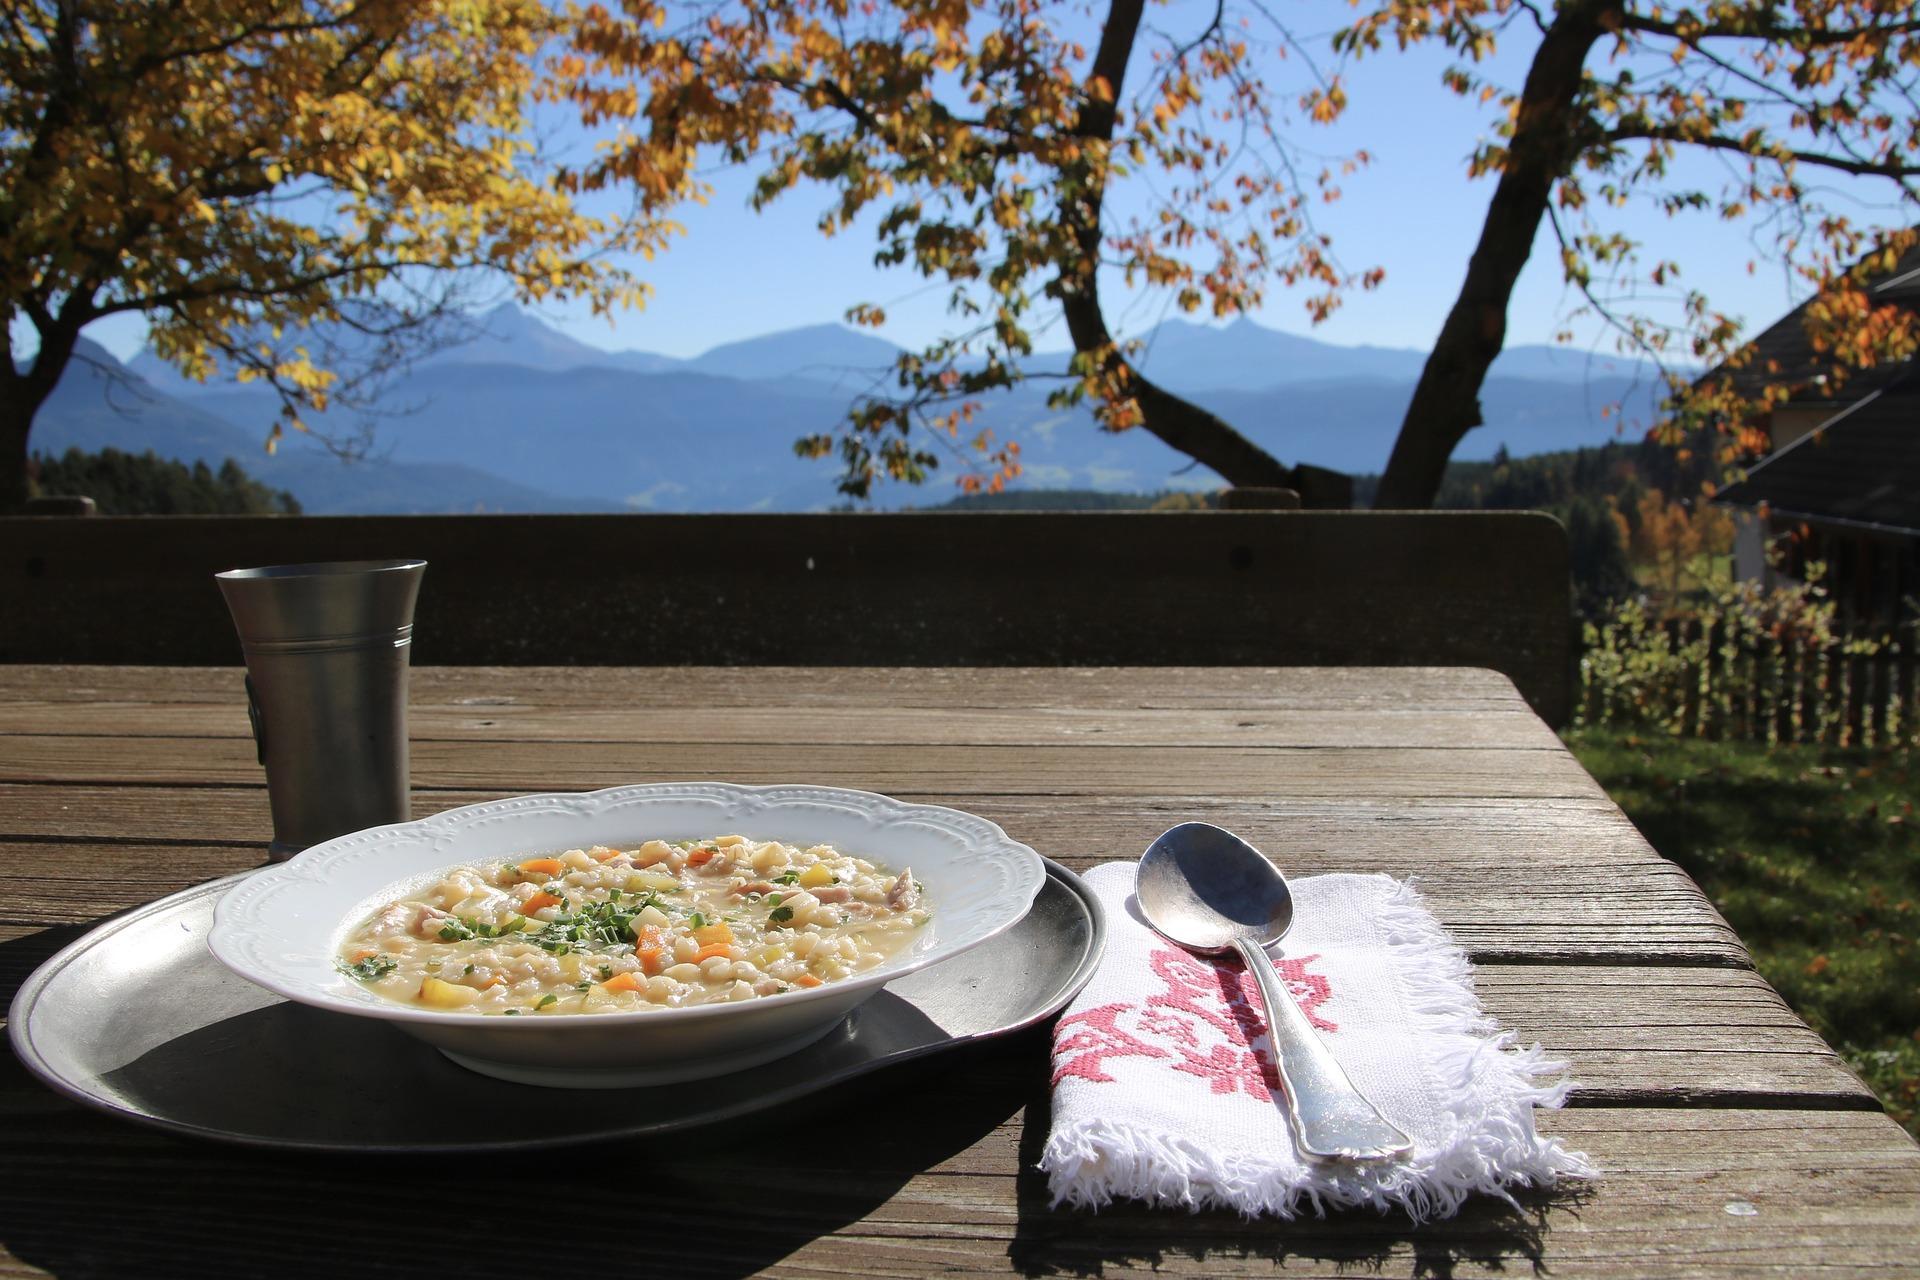 Gerstsuppe beim Törggelen in Südtirol